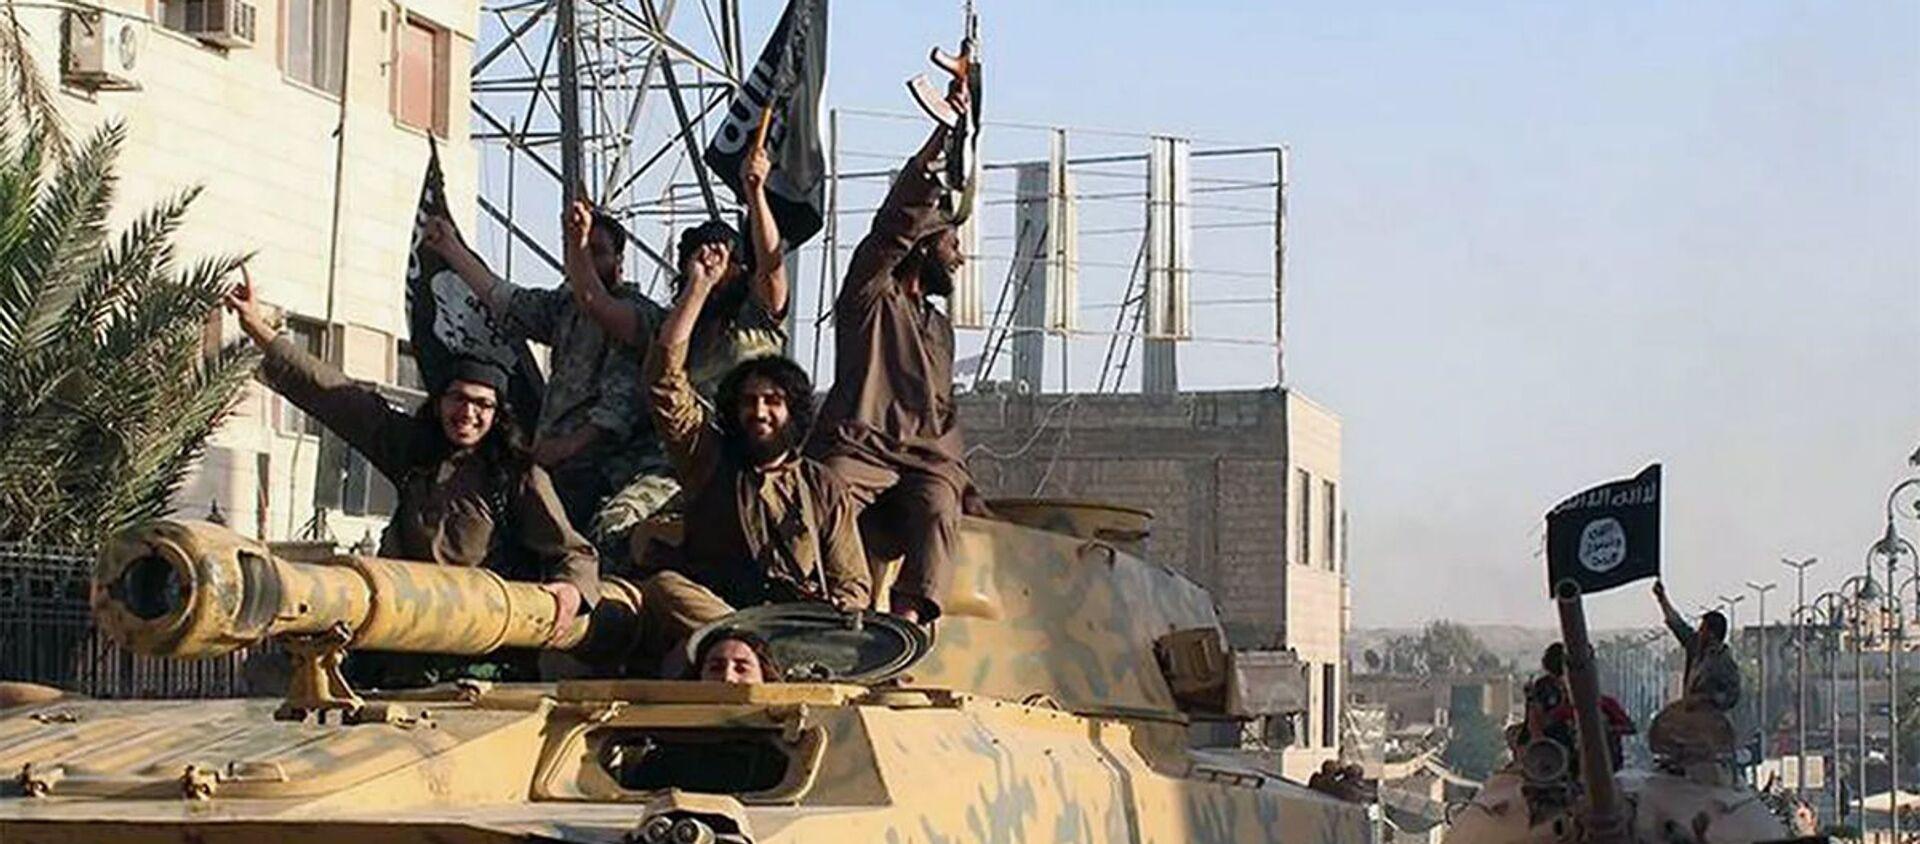 Các chiến binh của nhóm khủng bố Nhà nước Hồi giáo (IS, bị cấm ở Nga) tại thành phố Raqqa, Syria - Sputnik Việt Nam, 1920, 14.09.2021